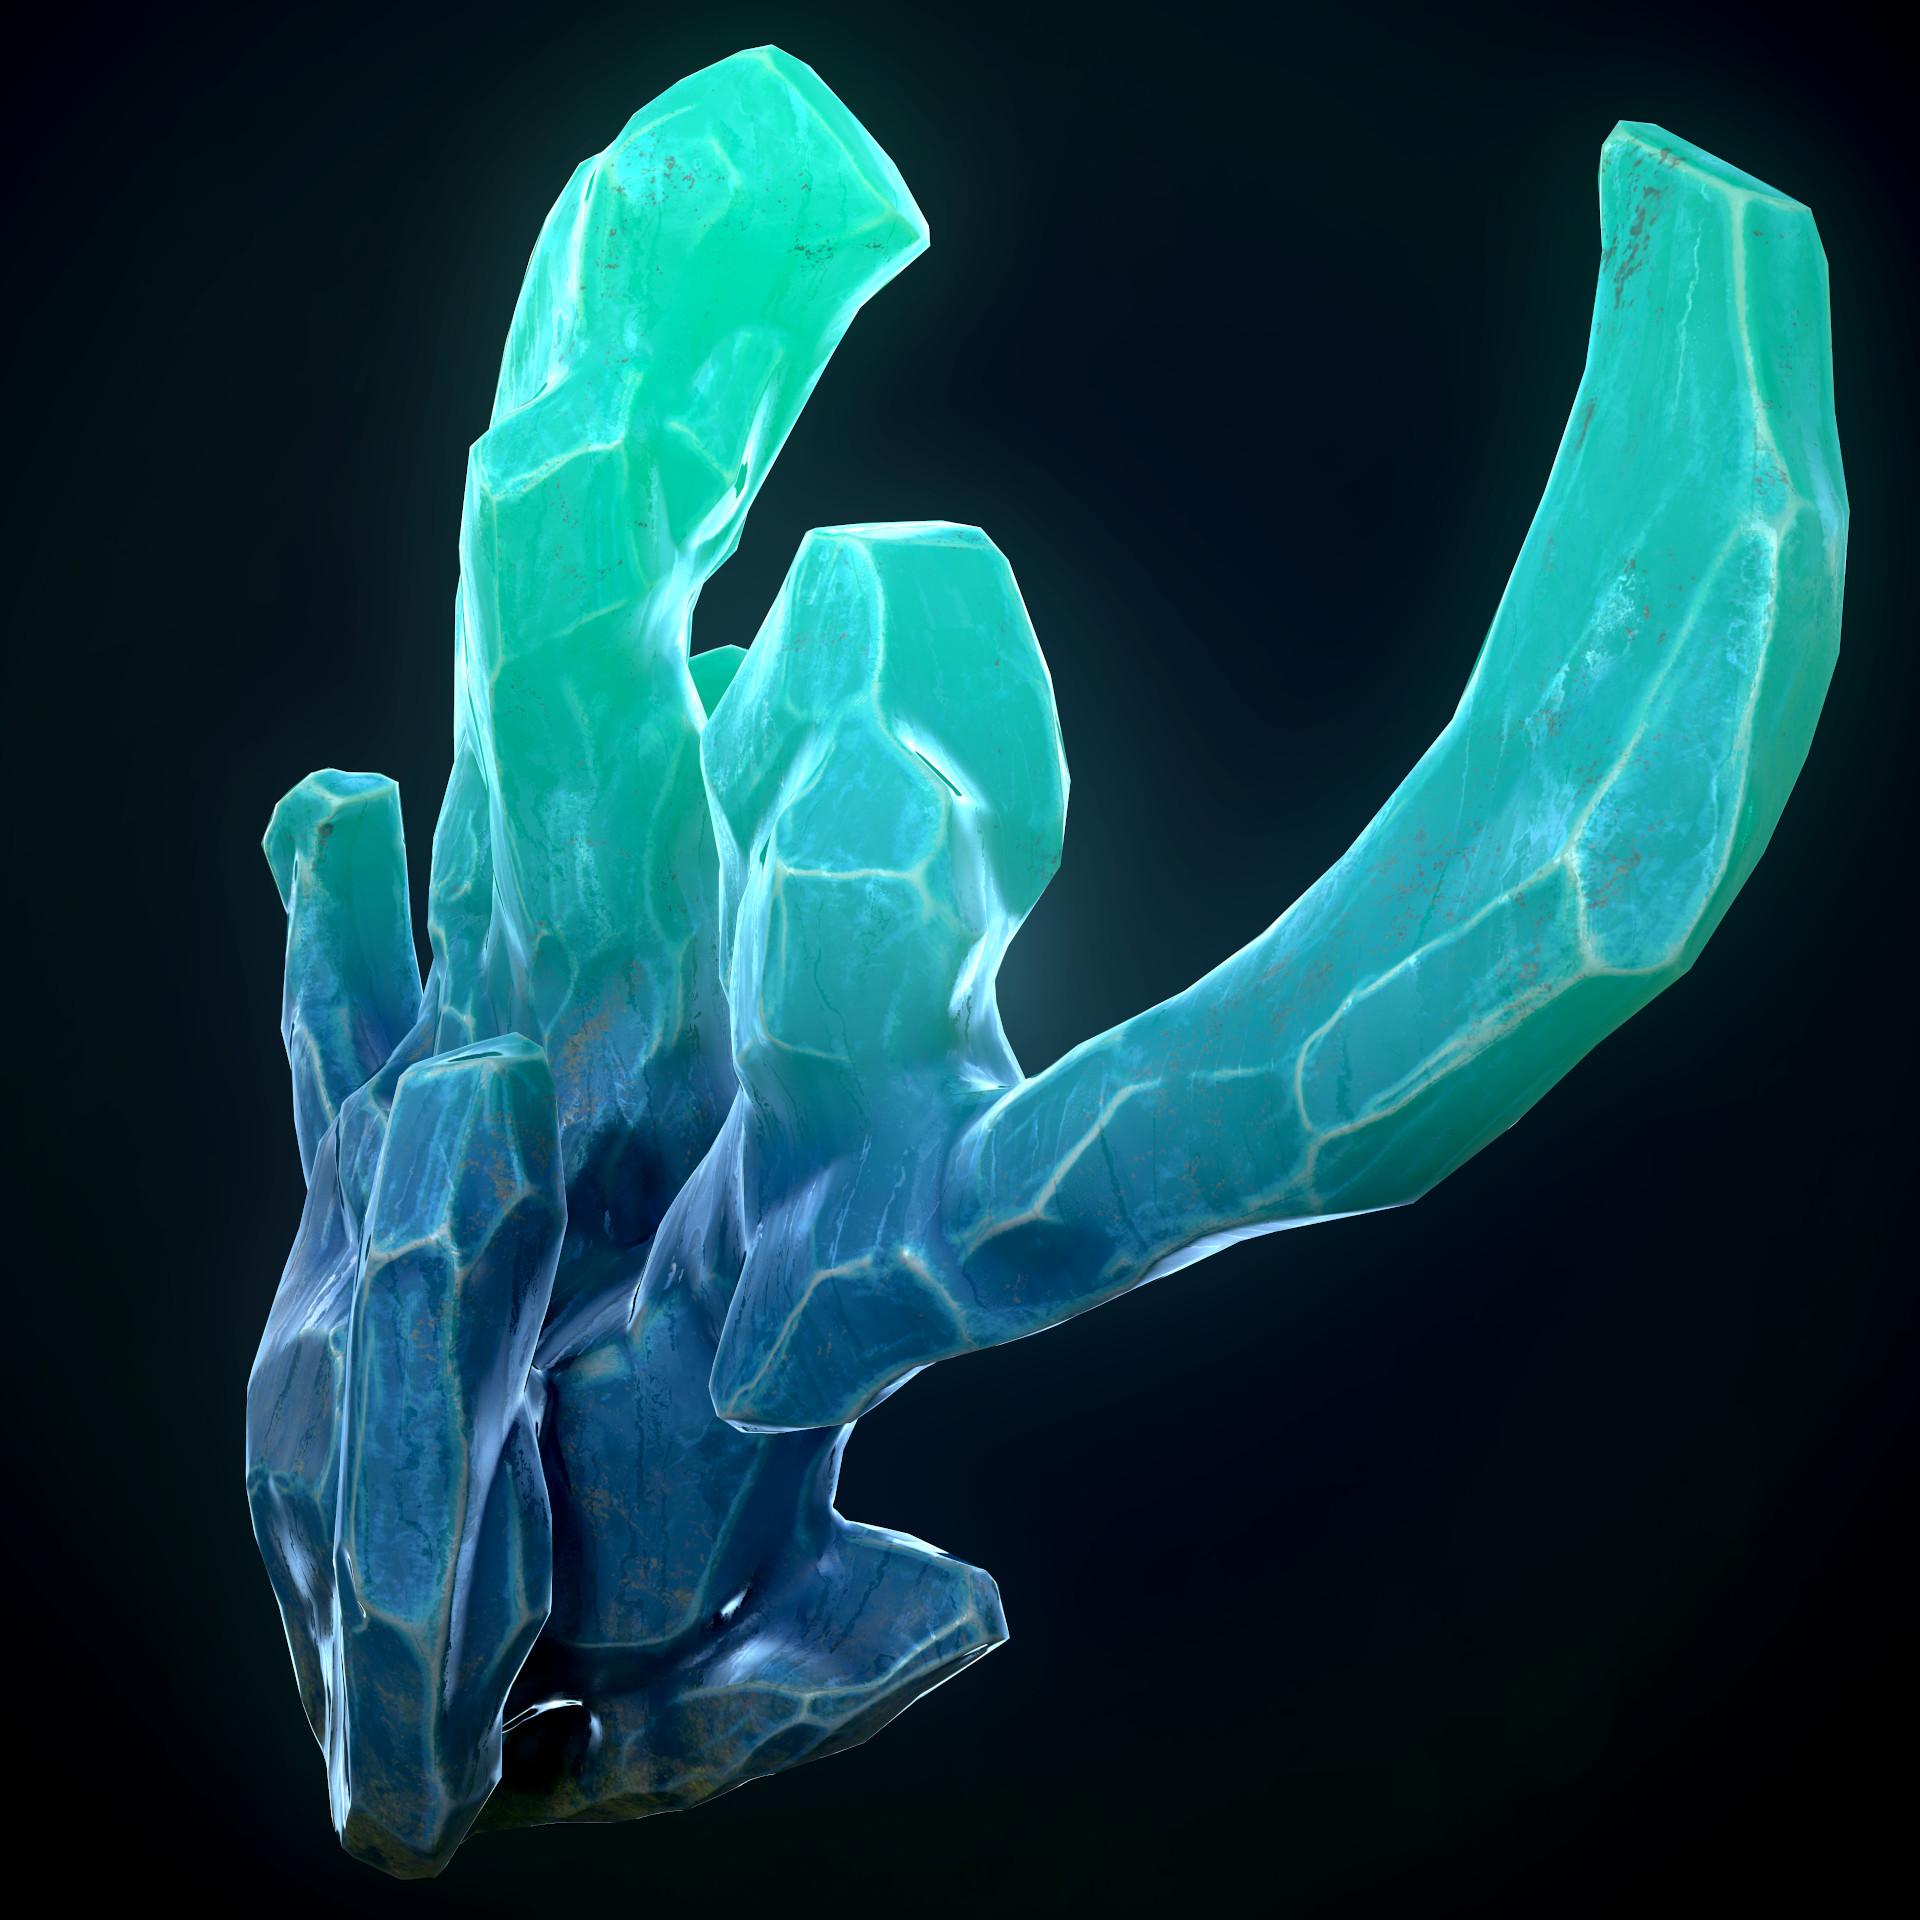 Andrew krivulya crystal render007